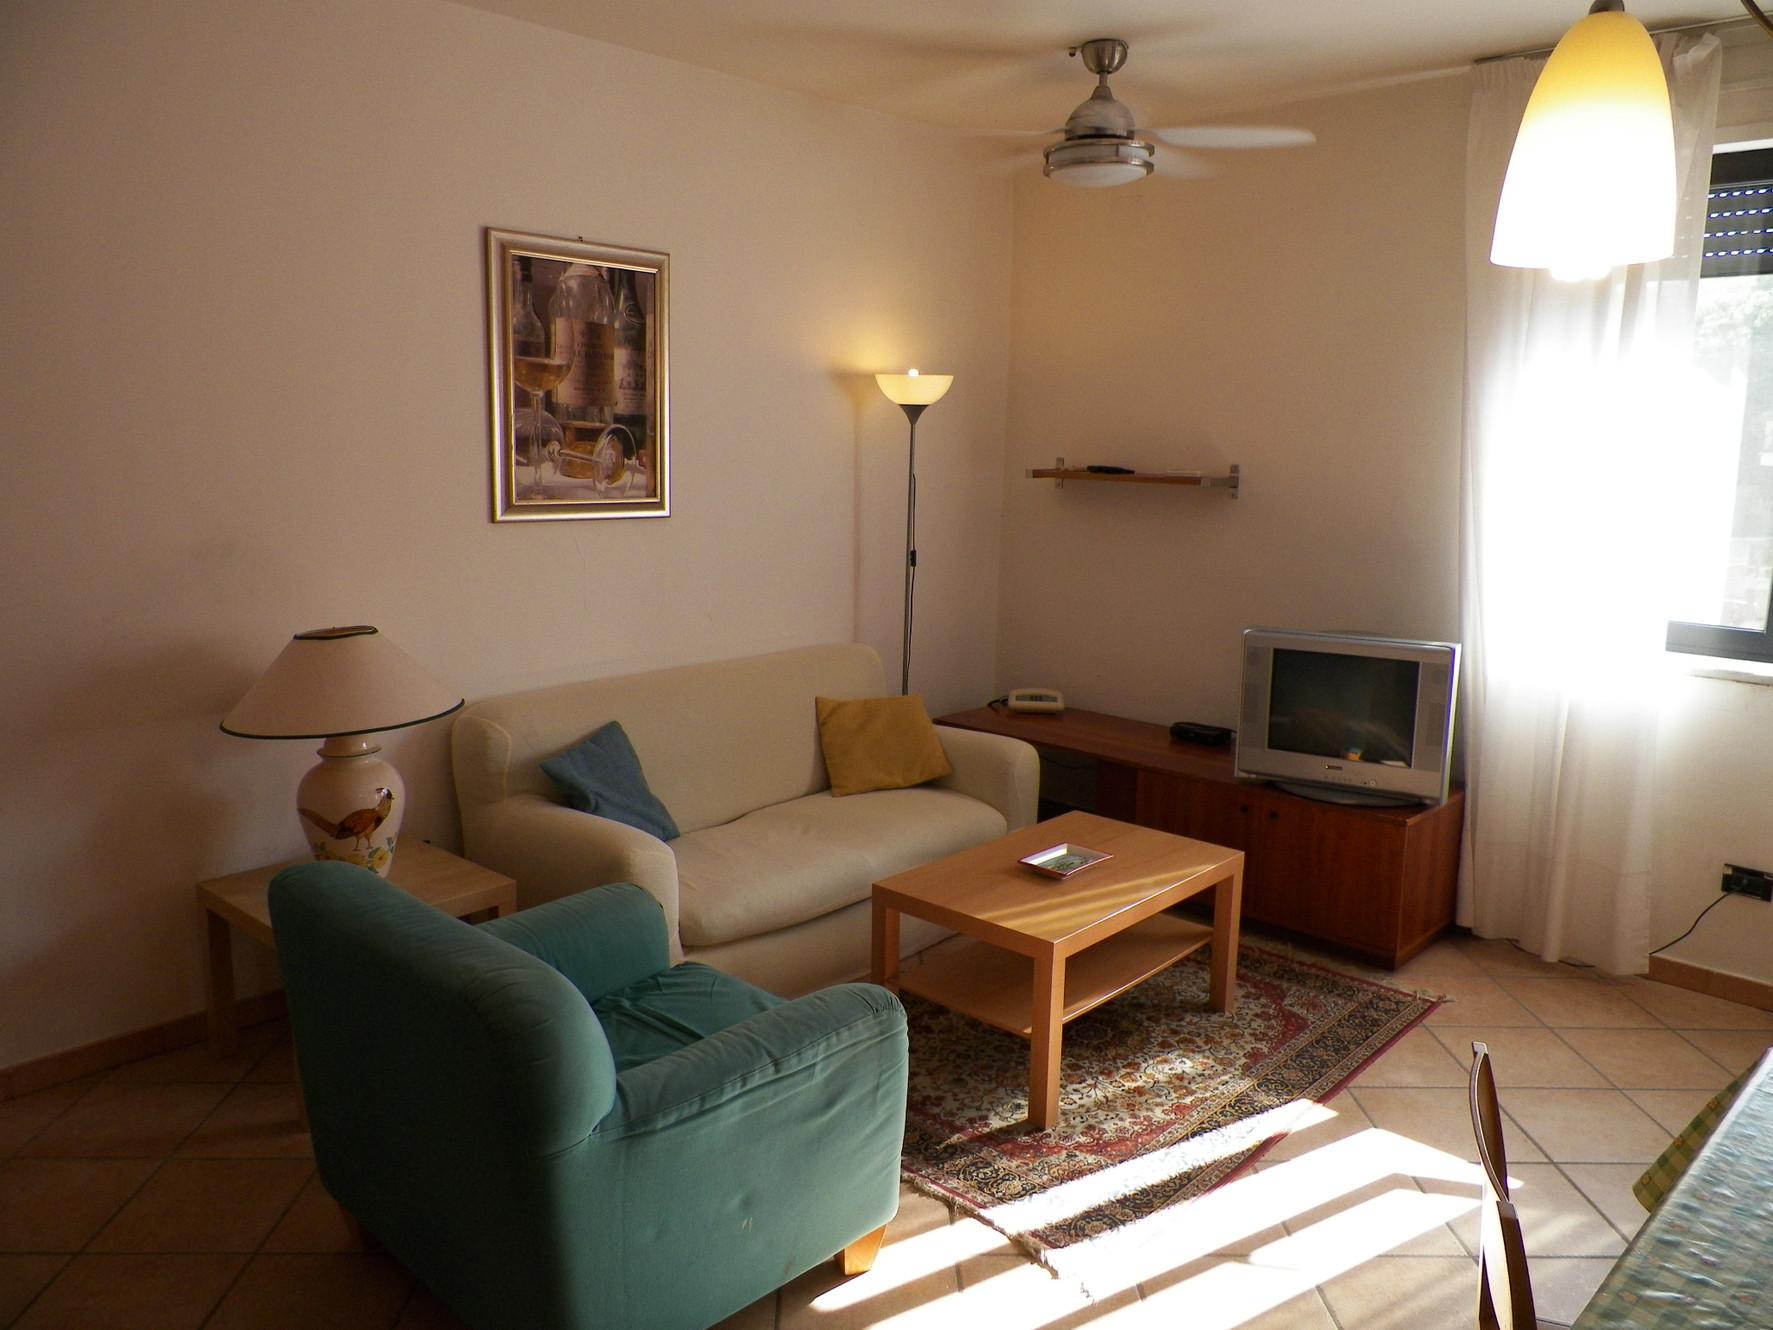 Averno residence affitti bilocali arredati b b napoli pozzuoli for Appartamenti arredati napoli